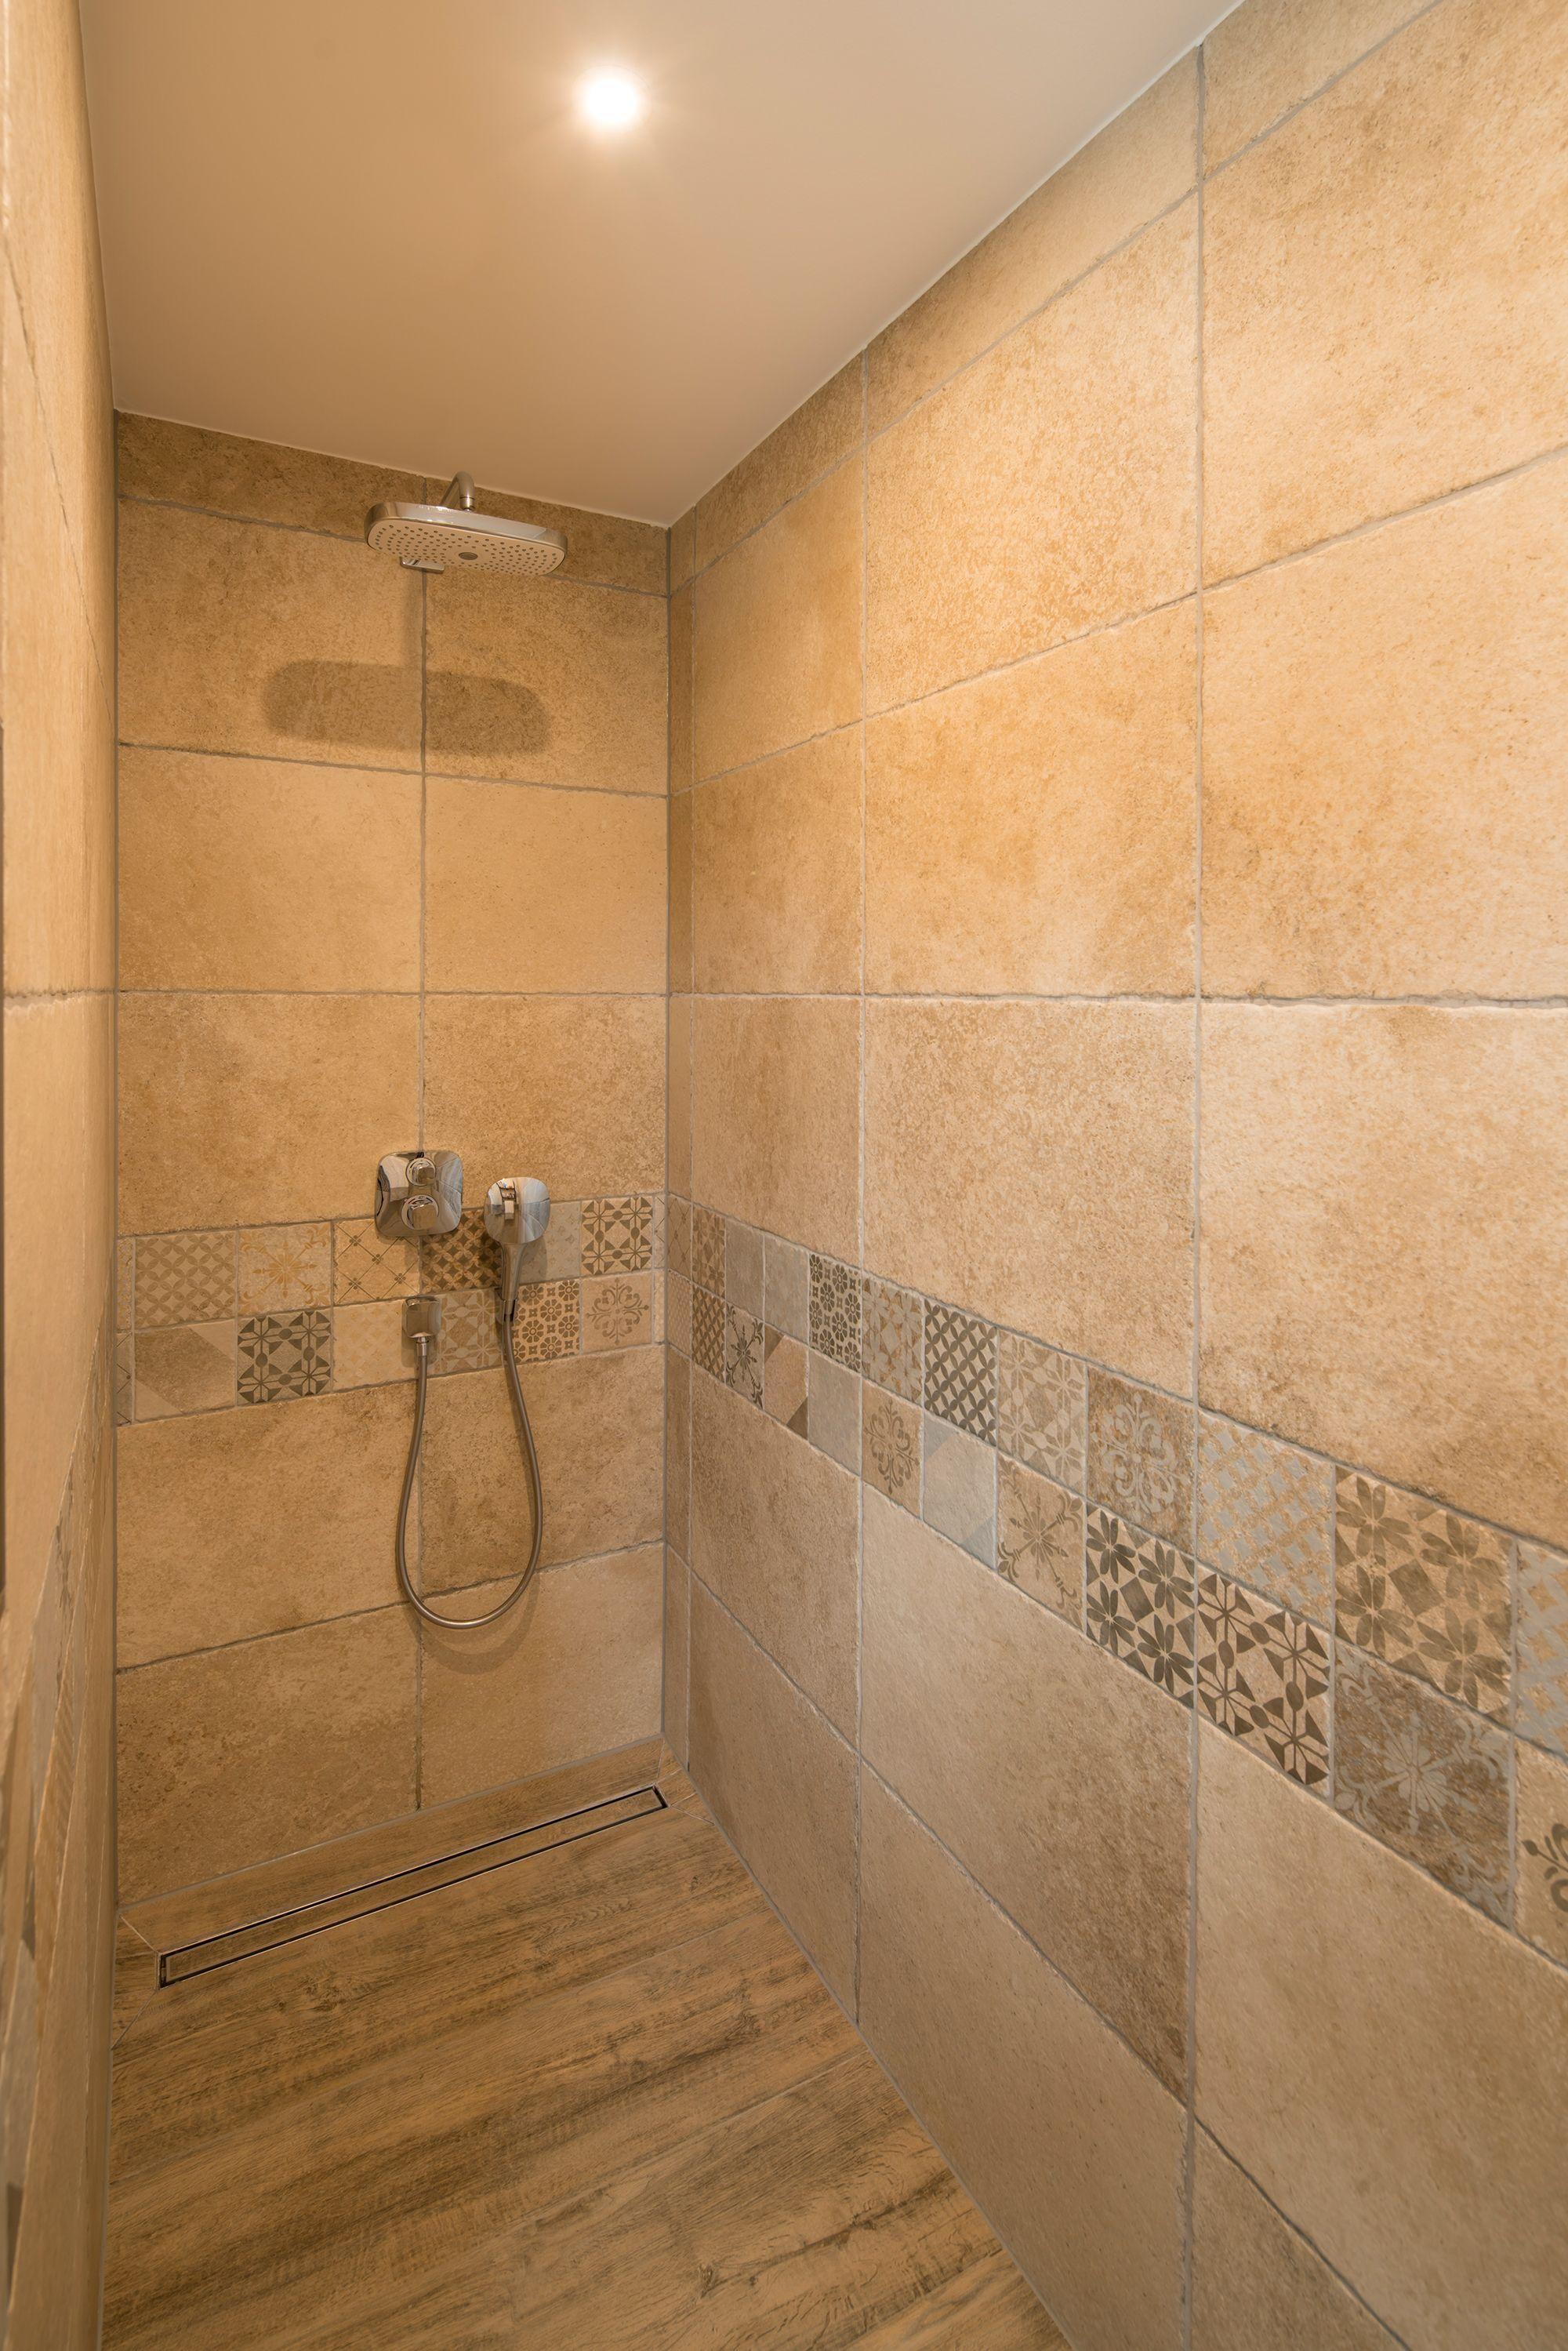 Fertighaus Wohnidee Badezimmer Dusche gemusterte Fliesen